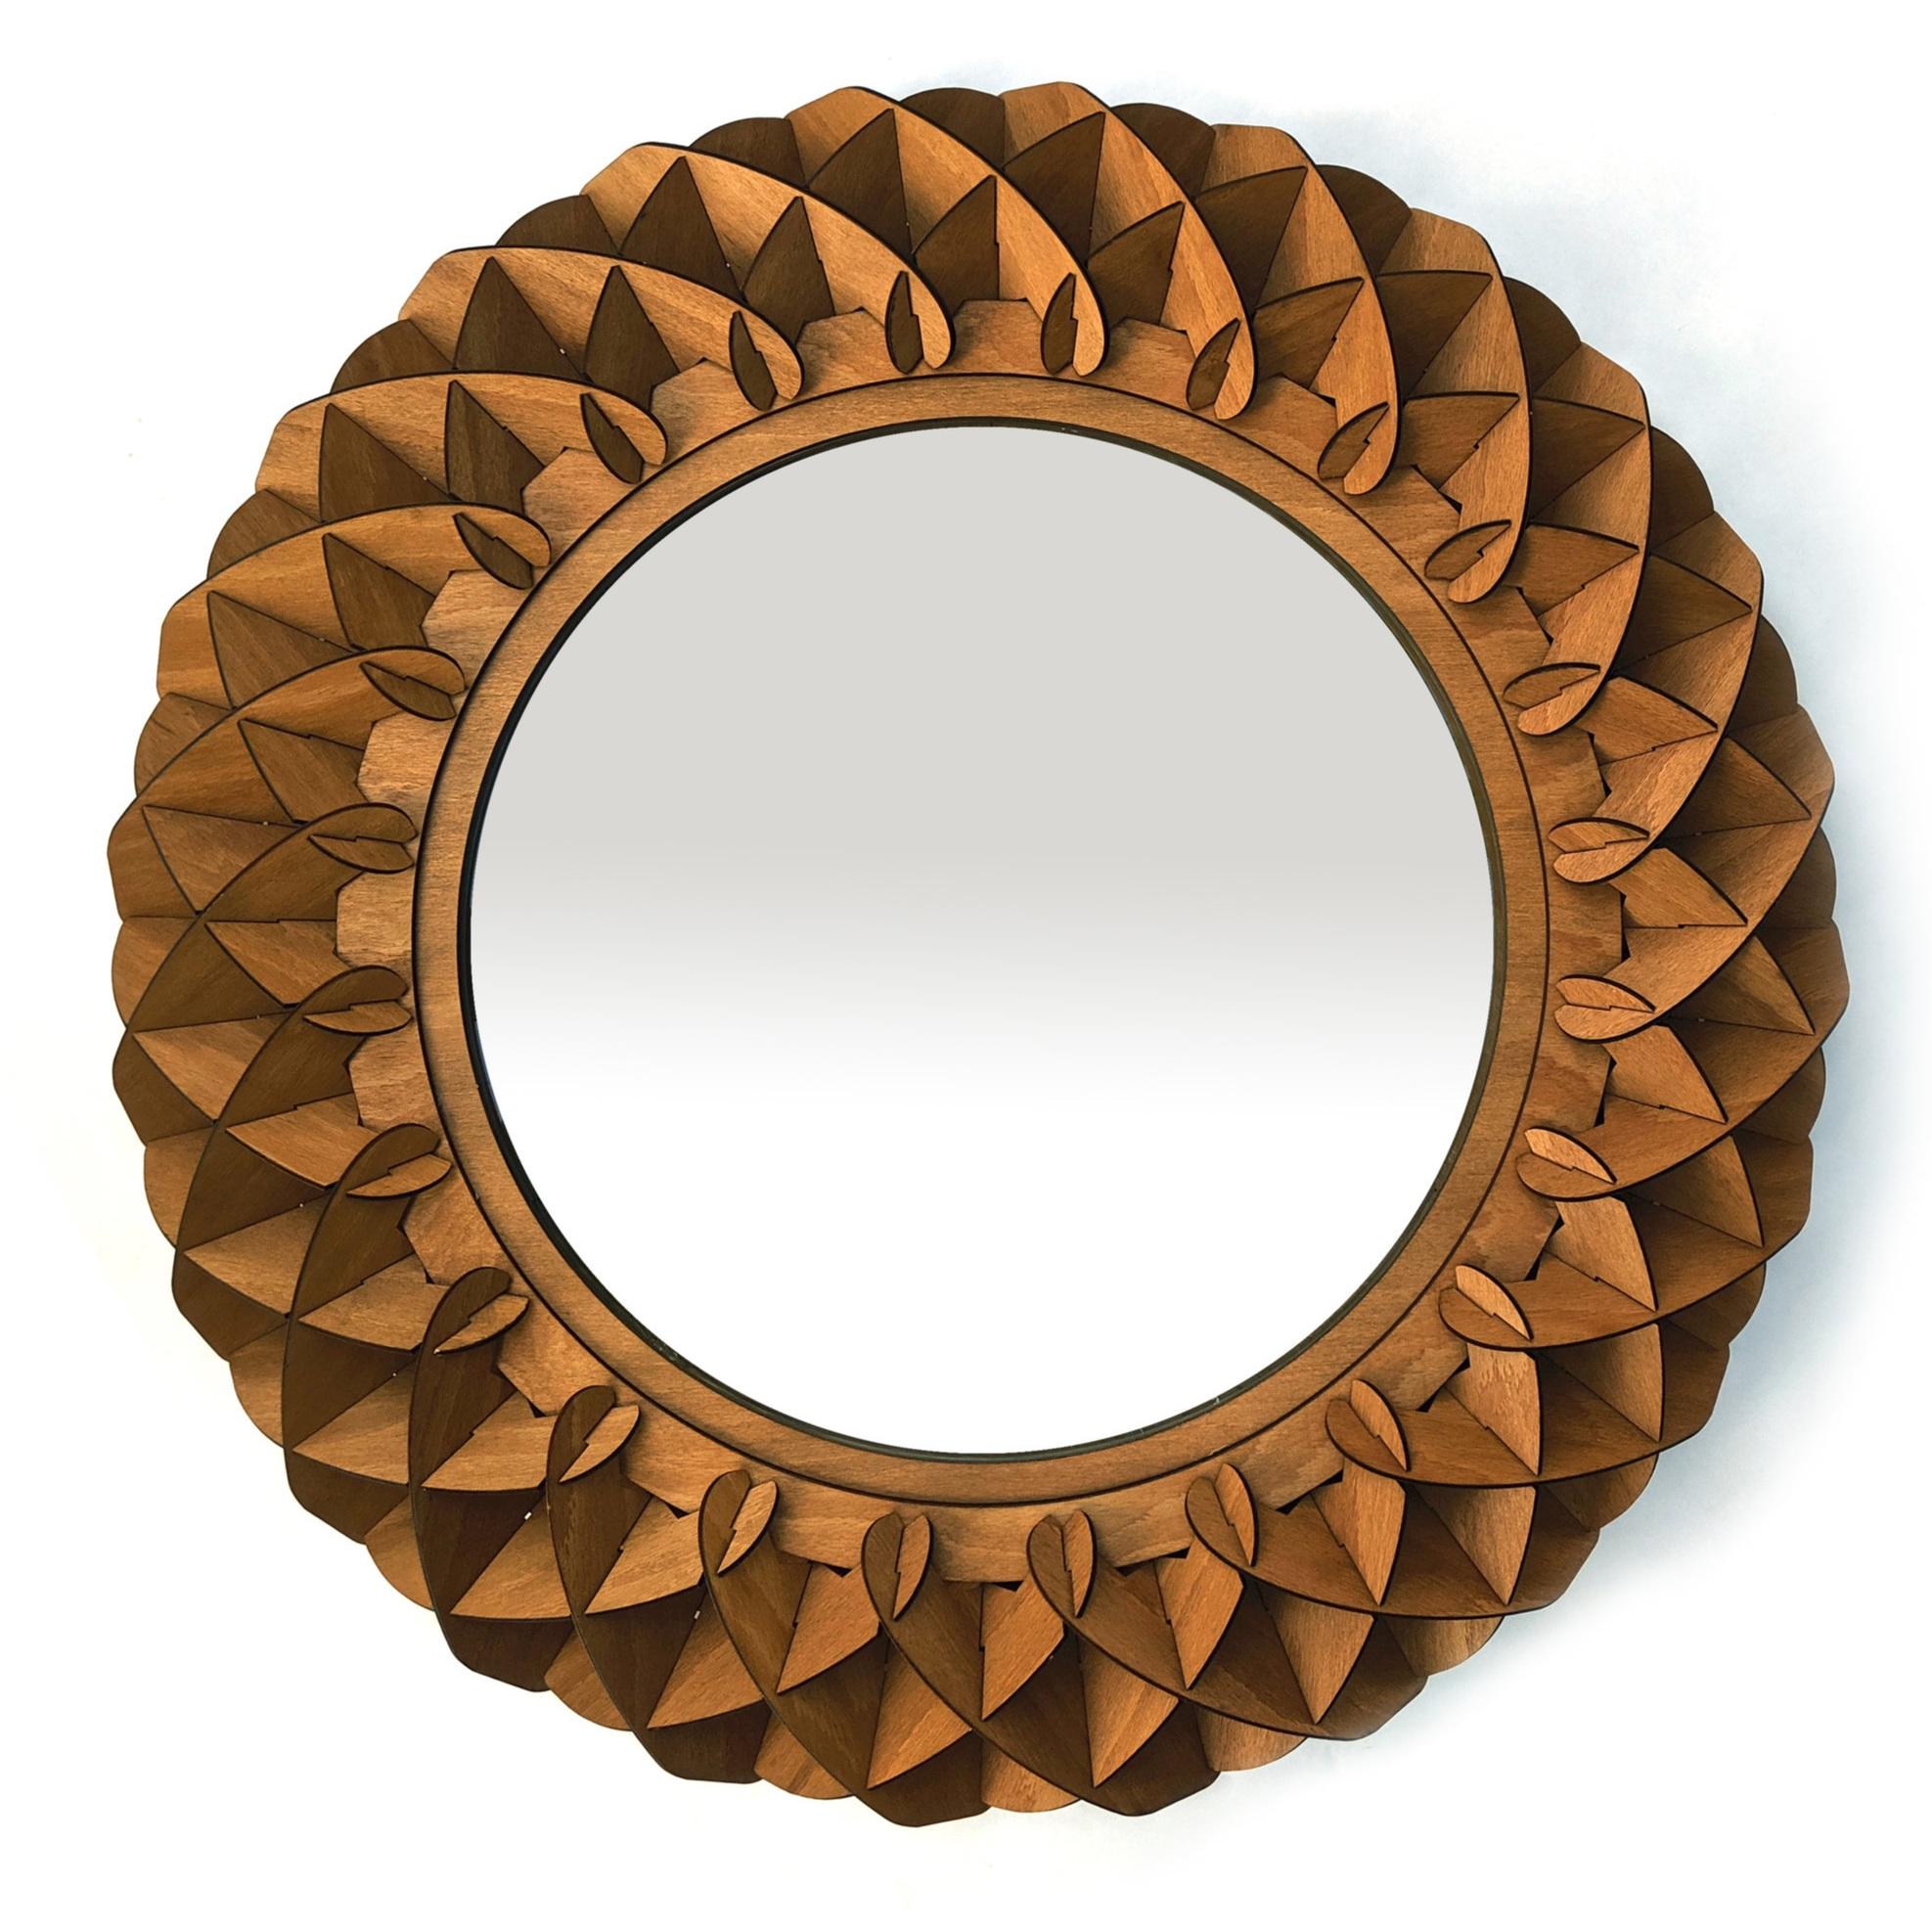 Round wooden mirror by SurreyWoodsmiths